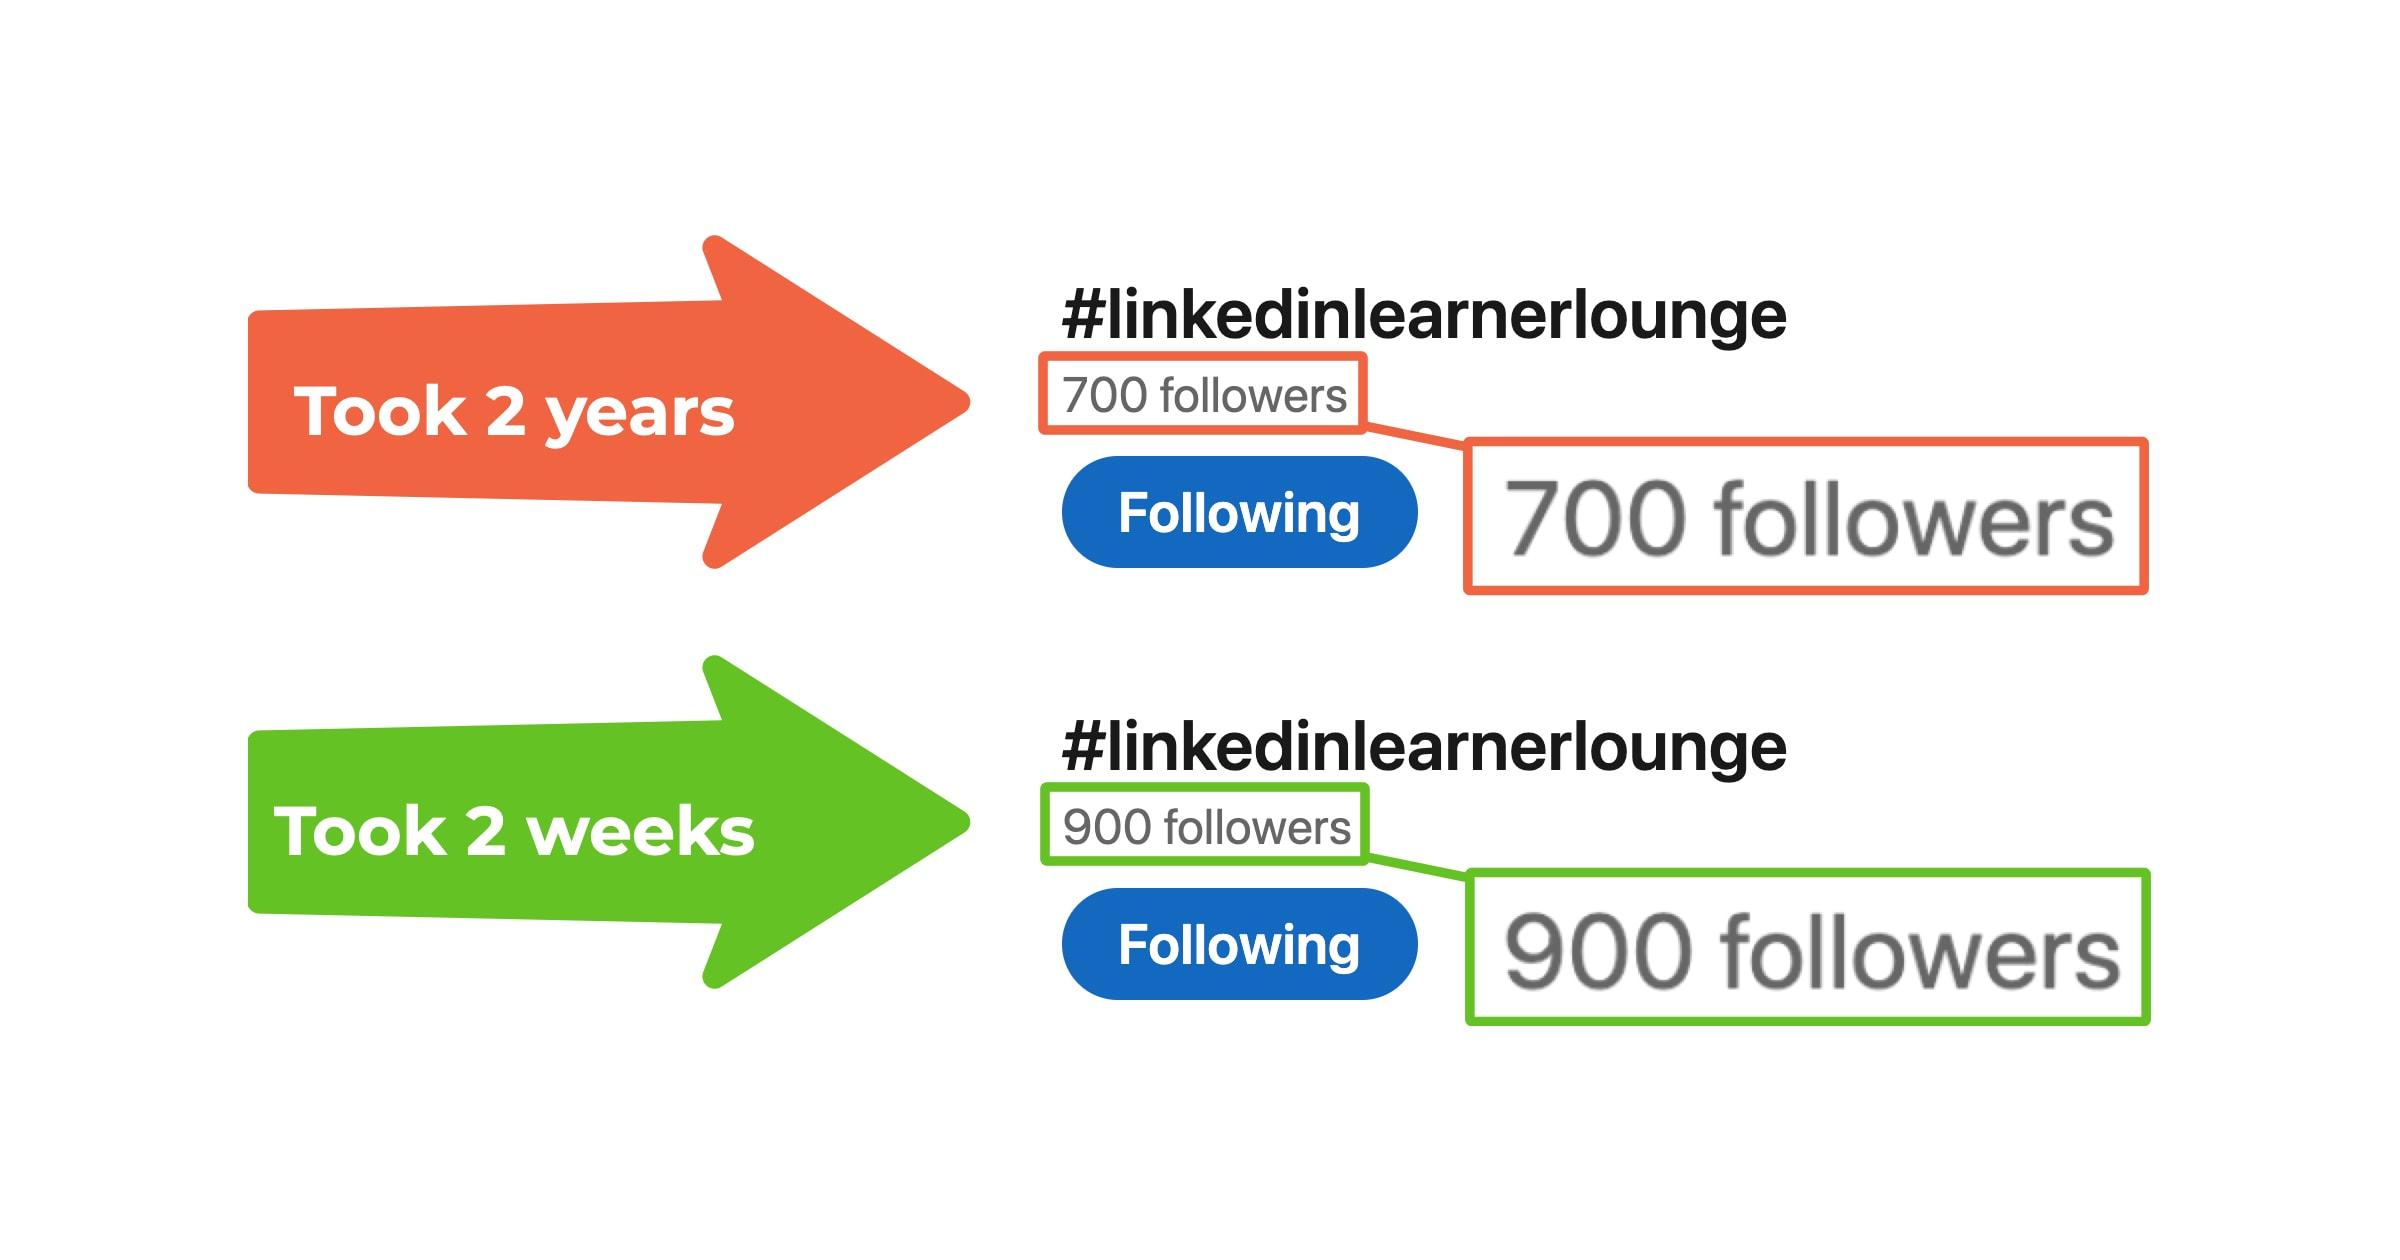 LinkedIn hashtag follower growth